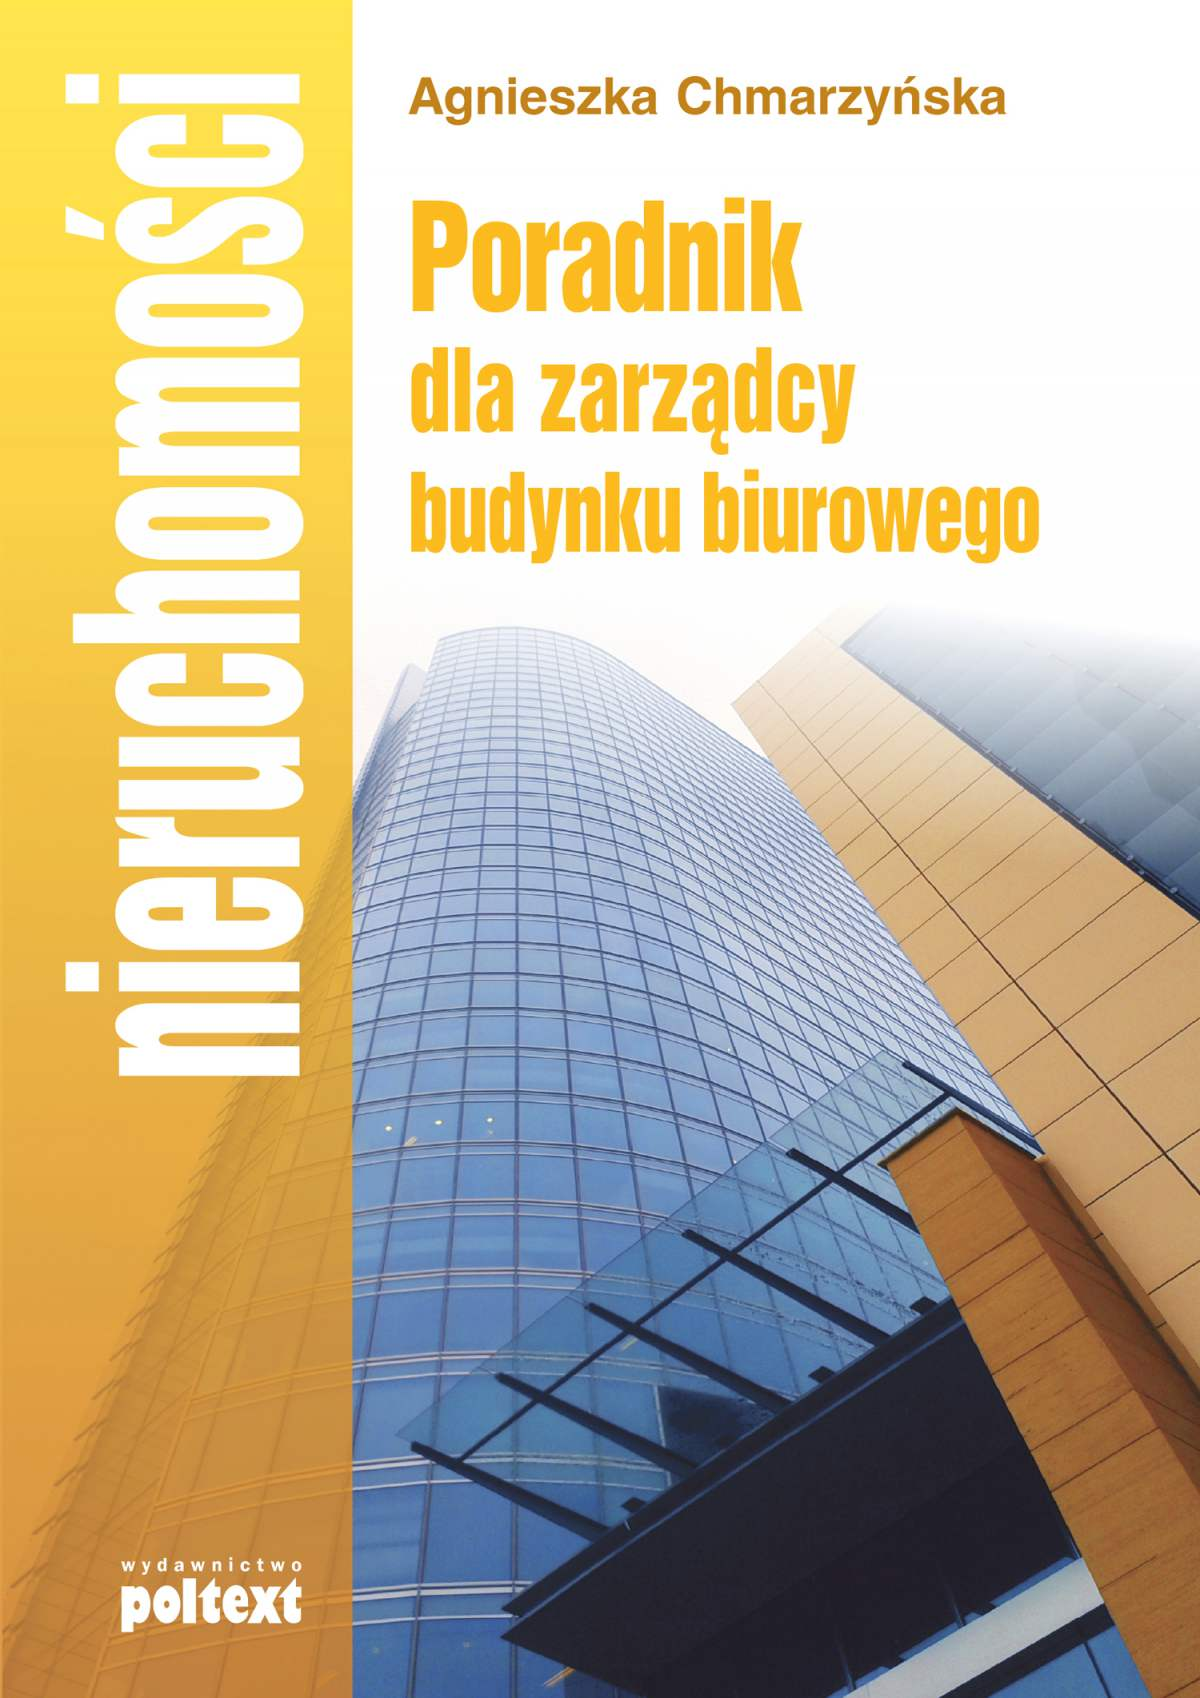 Poradnik dla zarządcy budynku biurowego - Ebook (Książka na Kindle) do pobrania w formacie MOBI